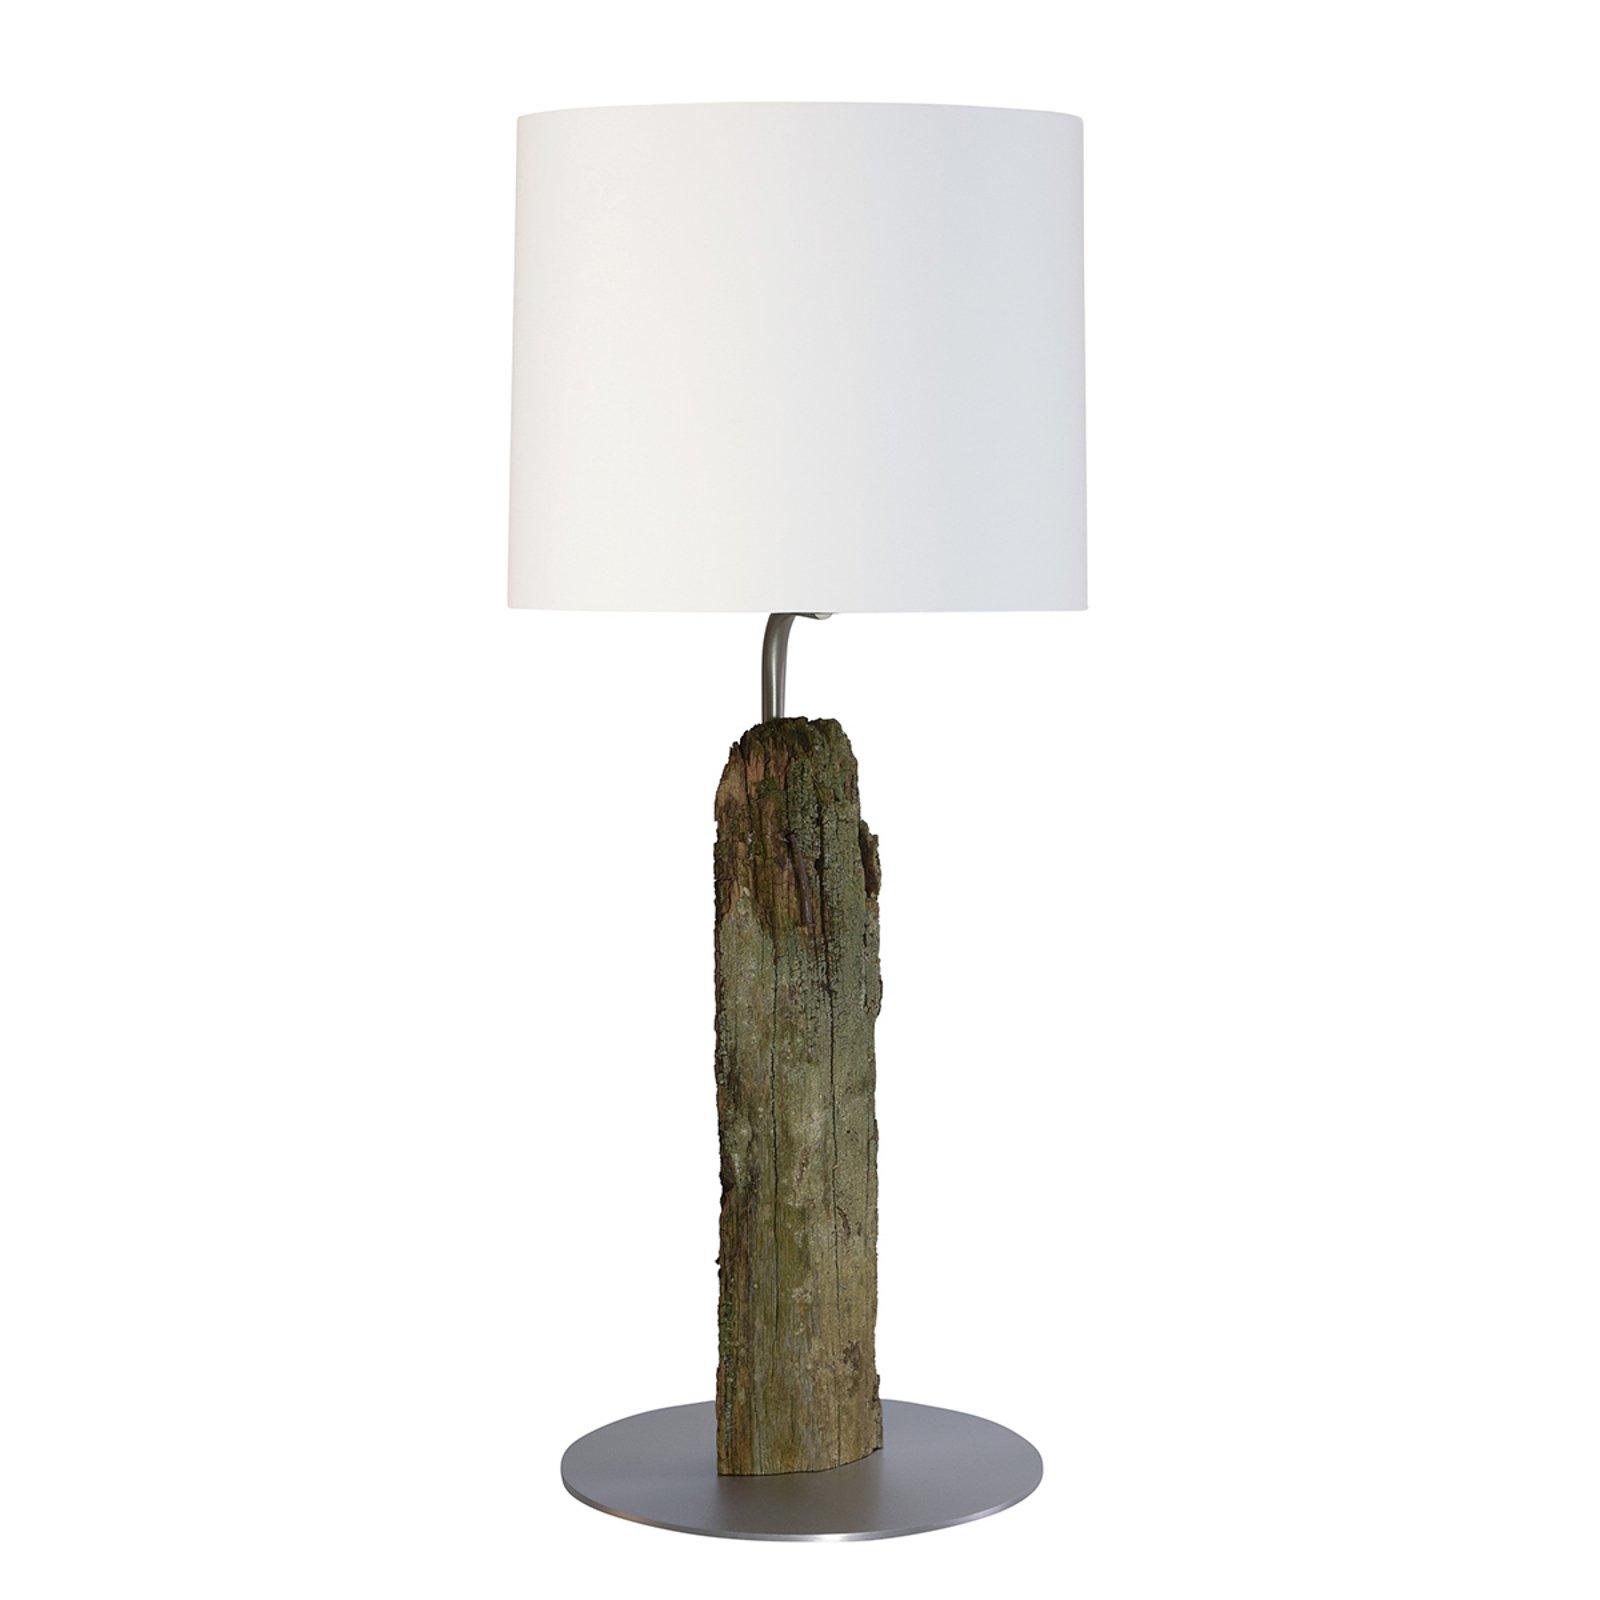 HerzBlut Alter Kavalier bordlampe med gjerdetre